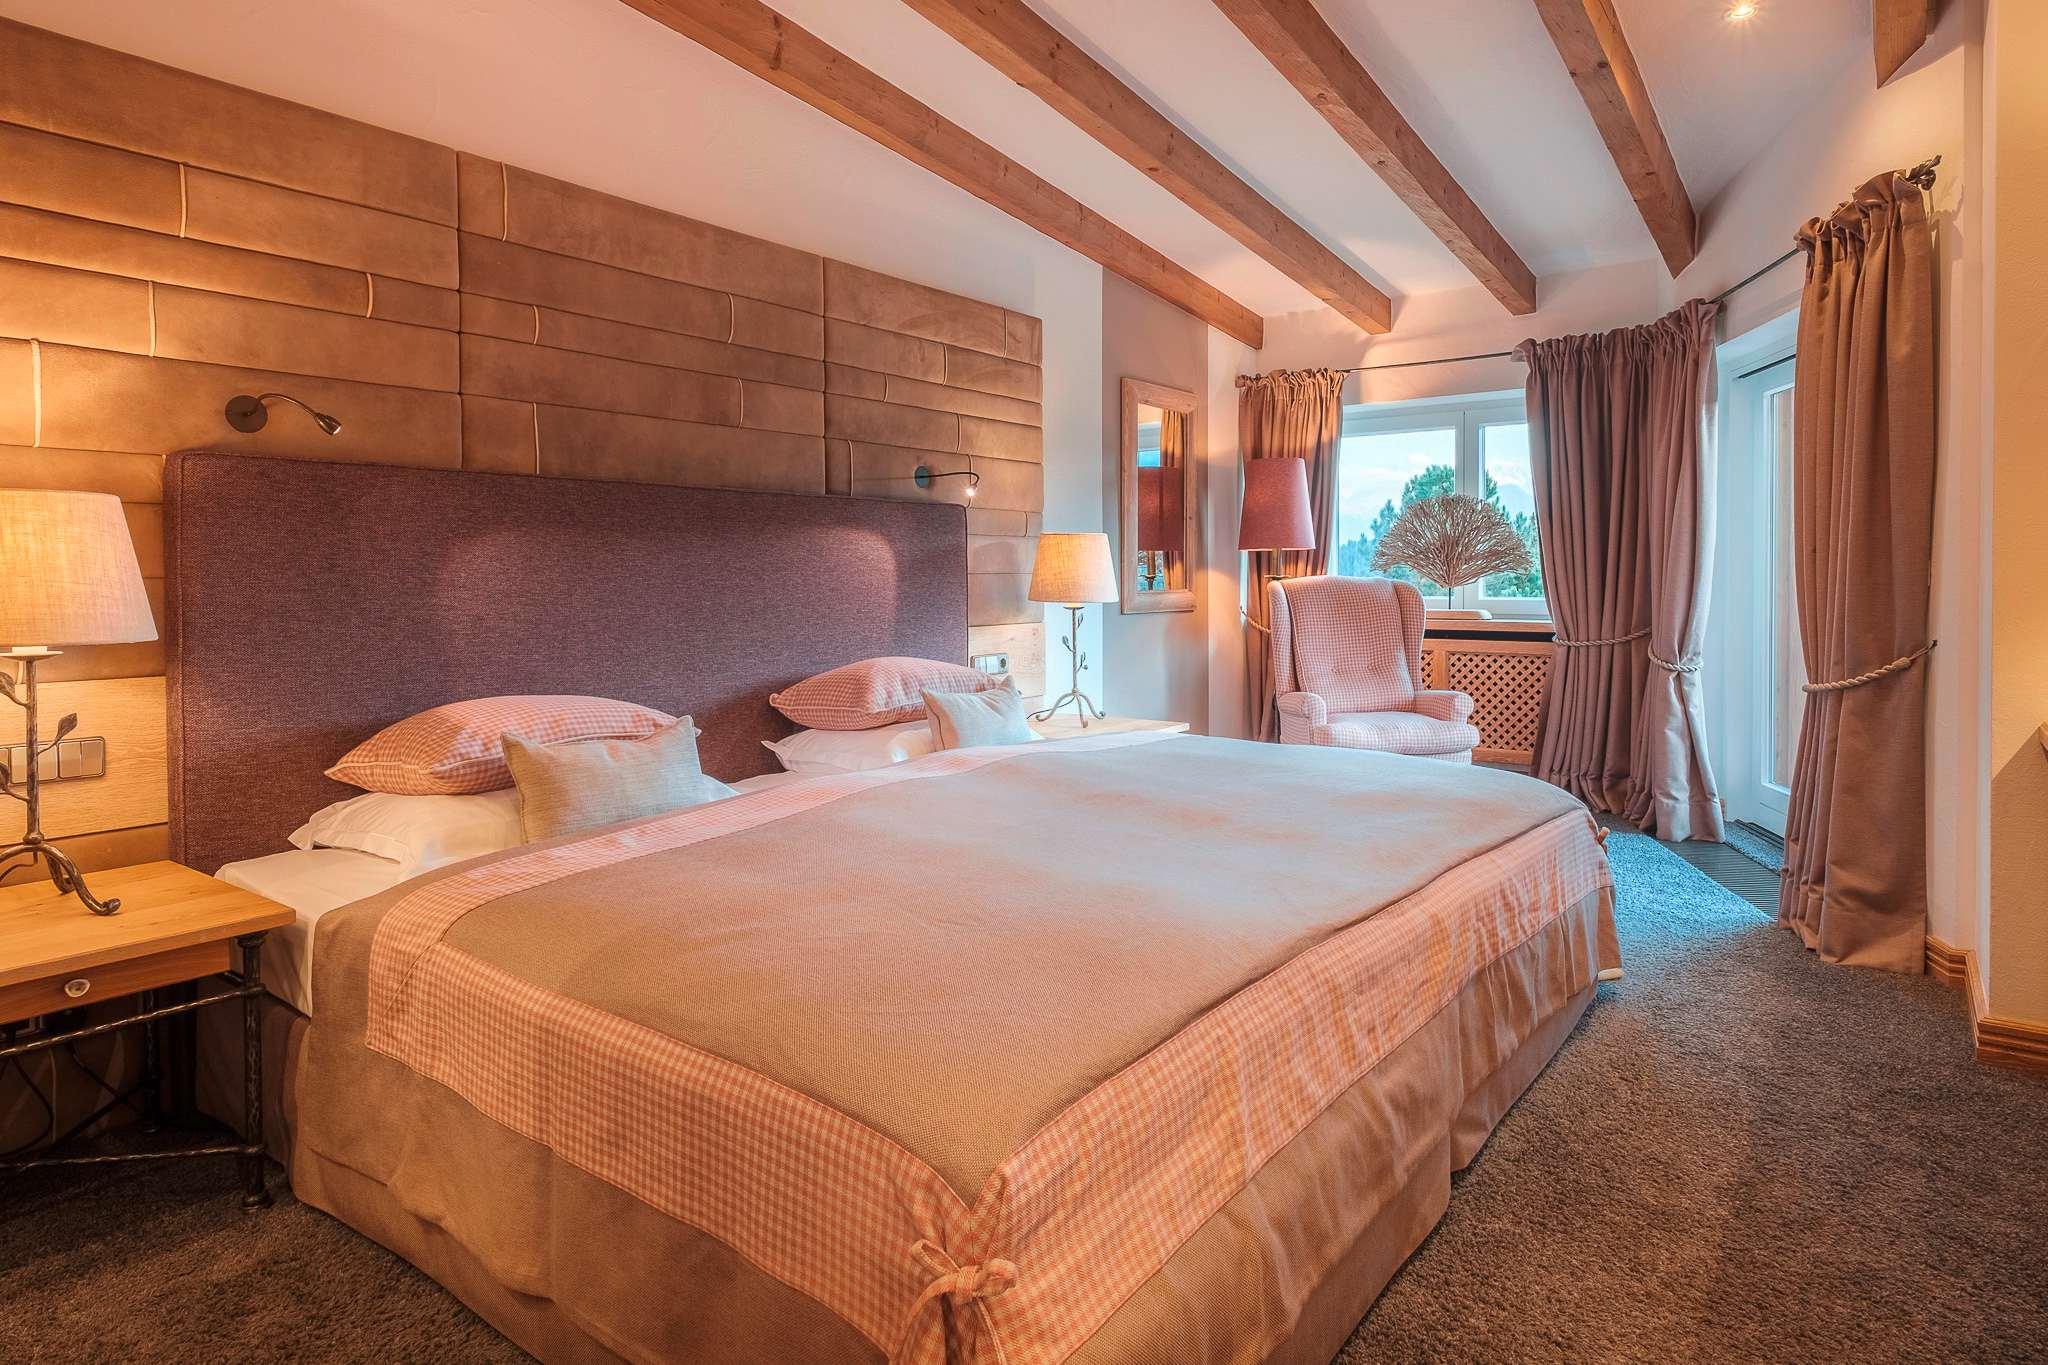 Die Silberdistel Suite im Sonnenalp Resort ist mit einem extragroßen Doppelbett ausgestattet und in Pastelfarben gehalten.